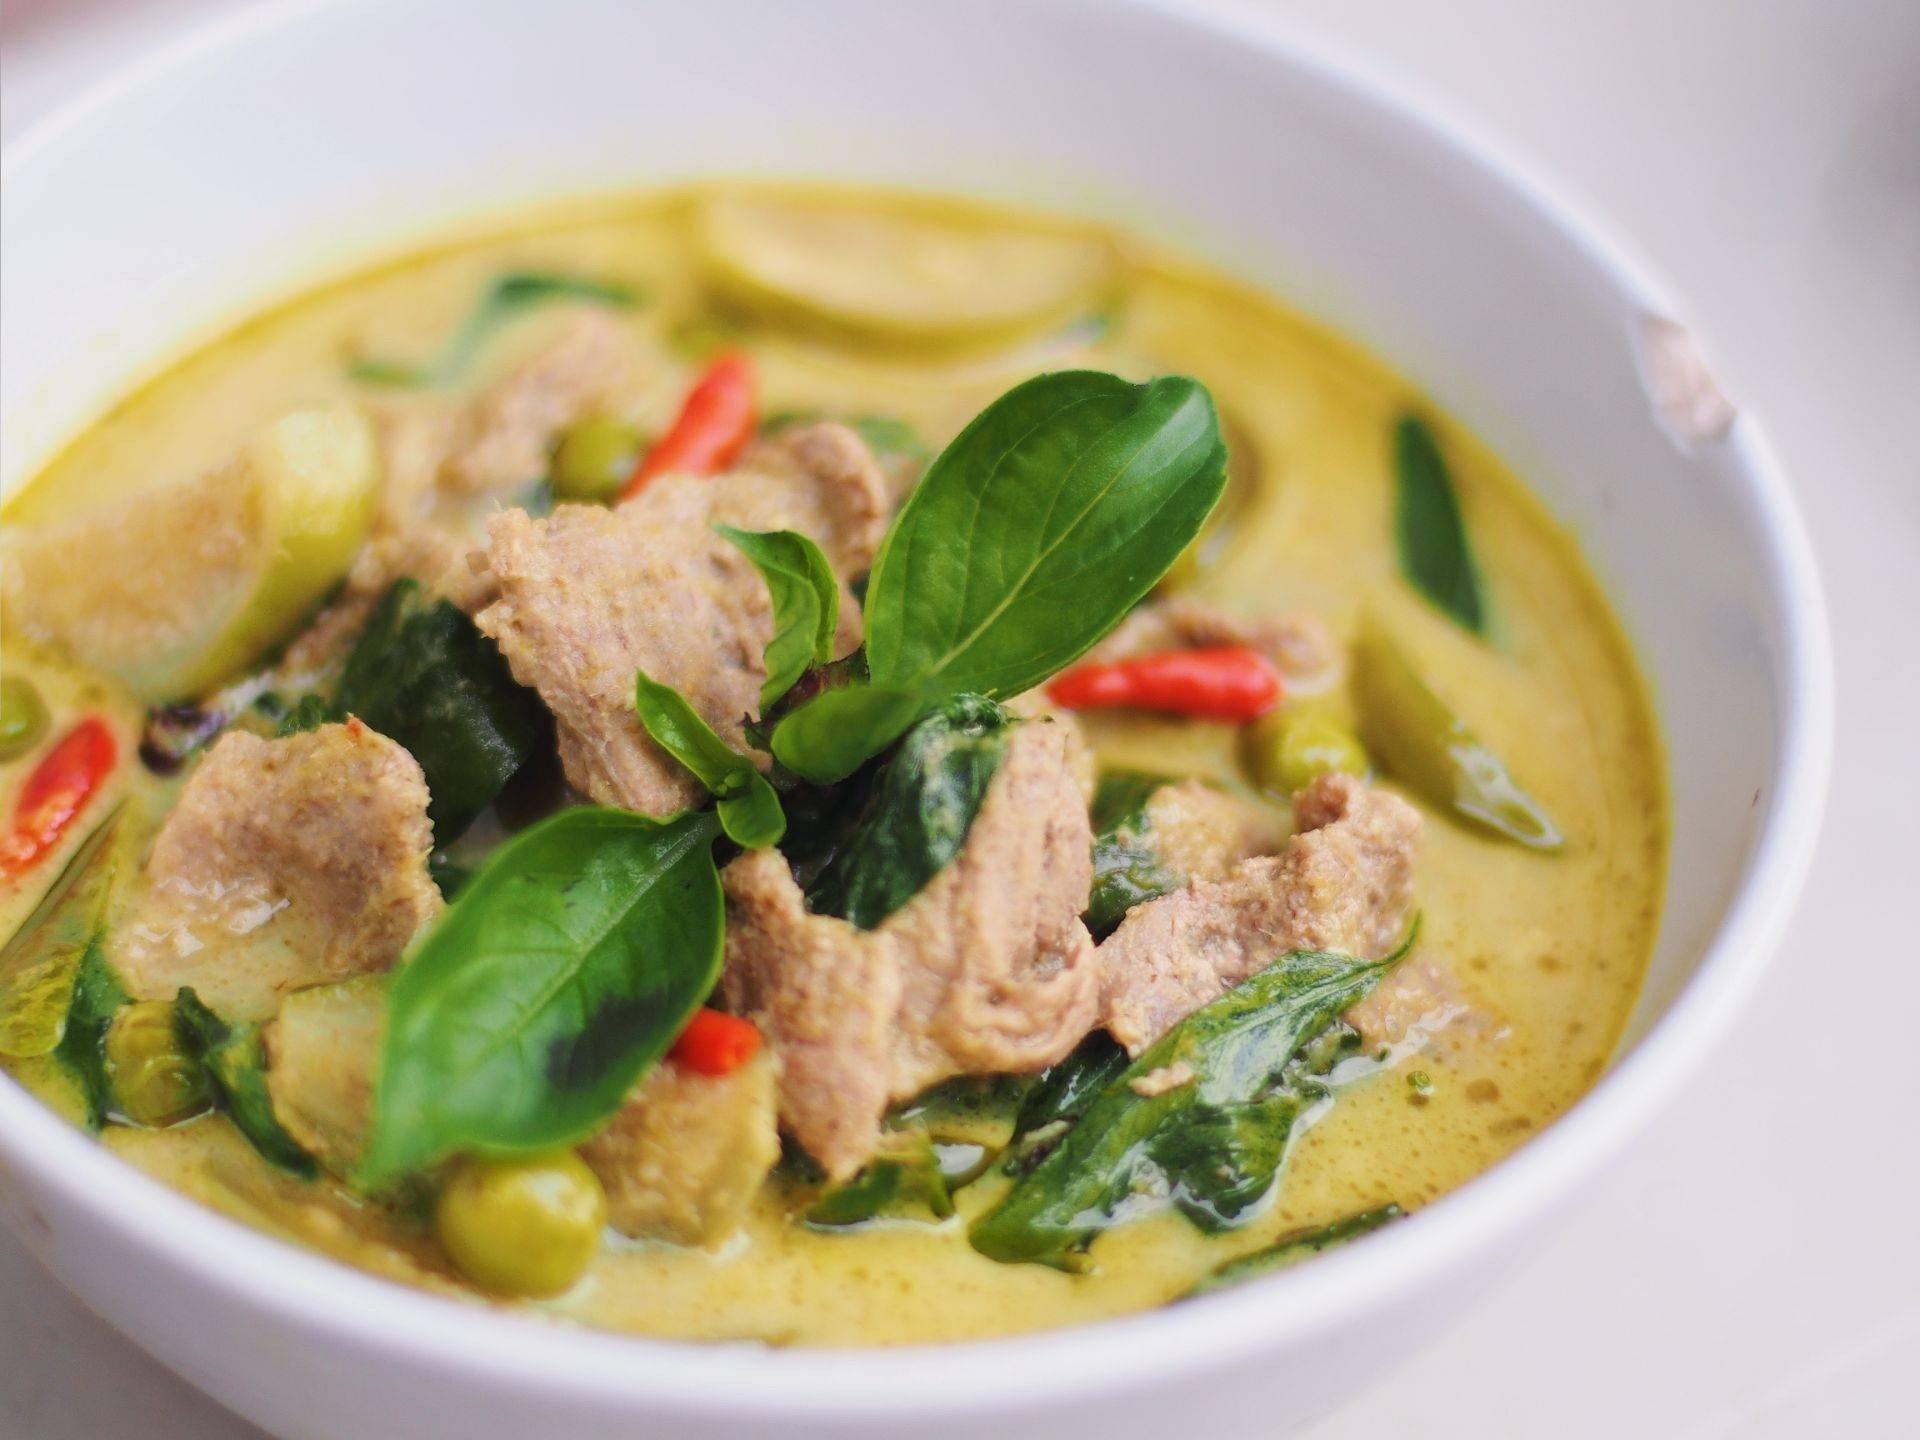 สูตร แกงเขียวหวานเนื้อพริกขี้หนู พร้อมวิธีทำโดย   -  Wongnai Cooking